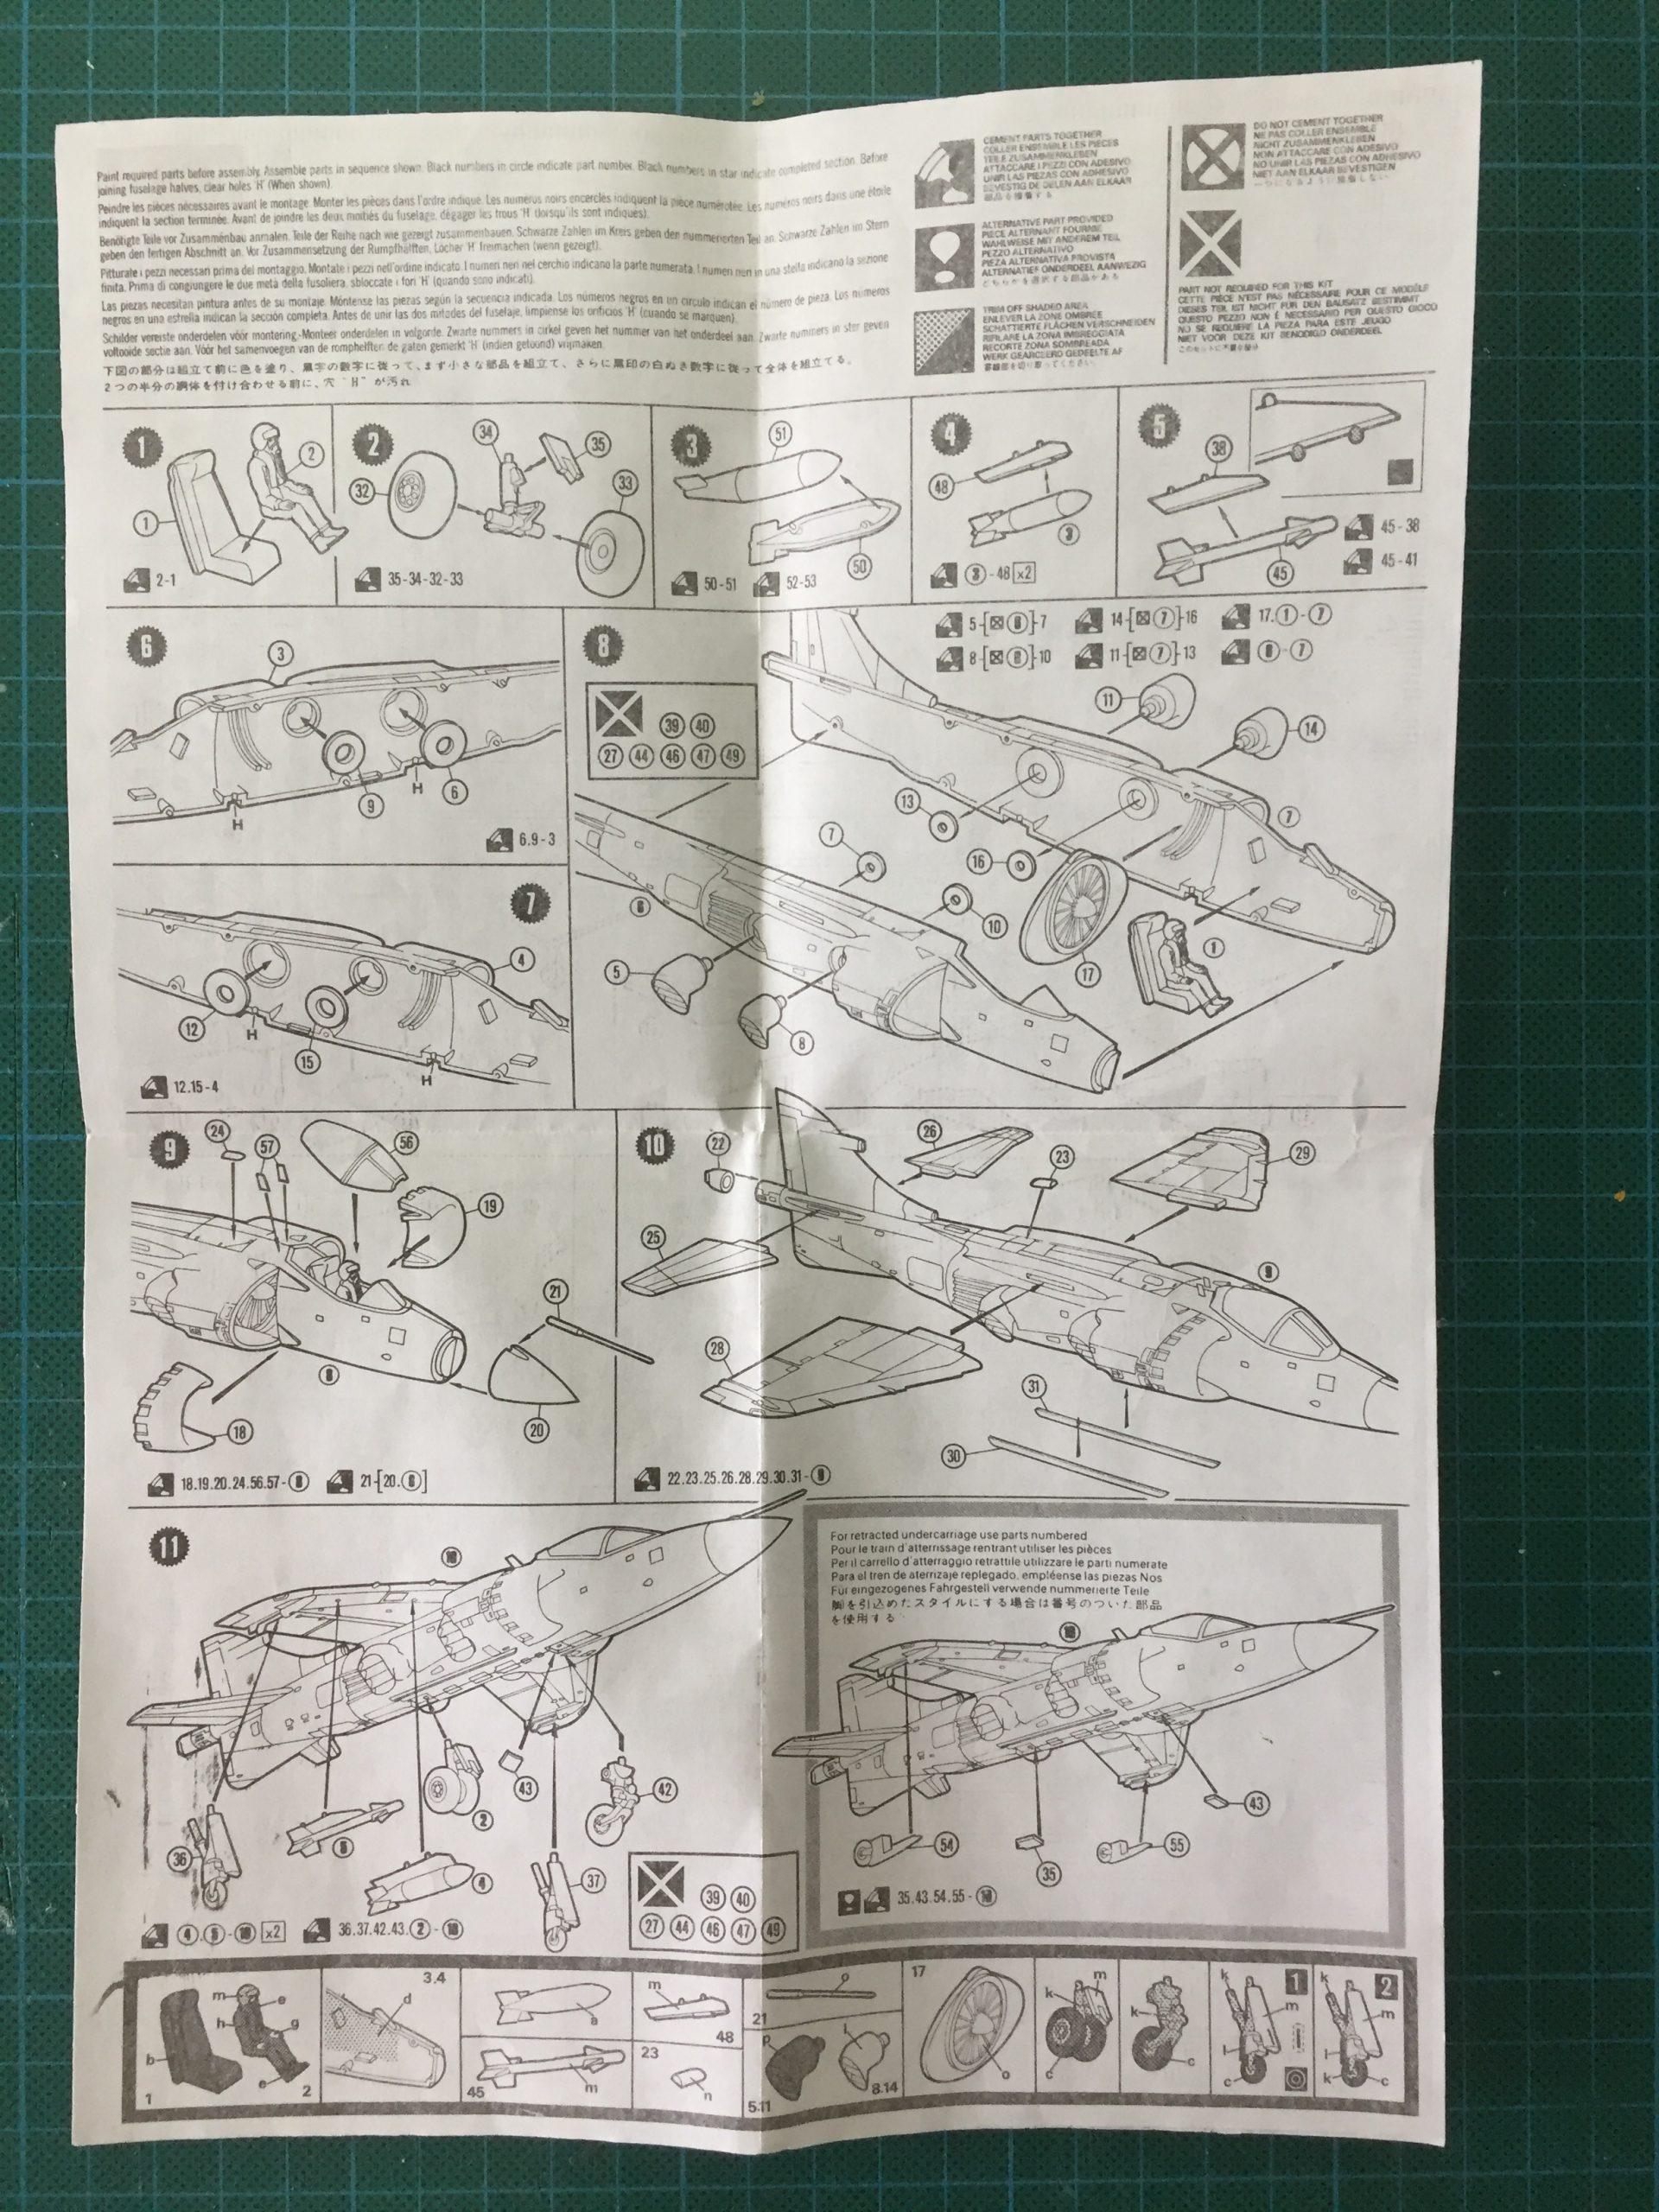 Matchbox 1/72 Sea Harrier instruction sheet, back.